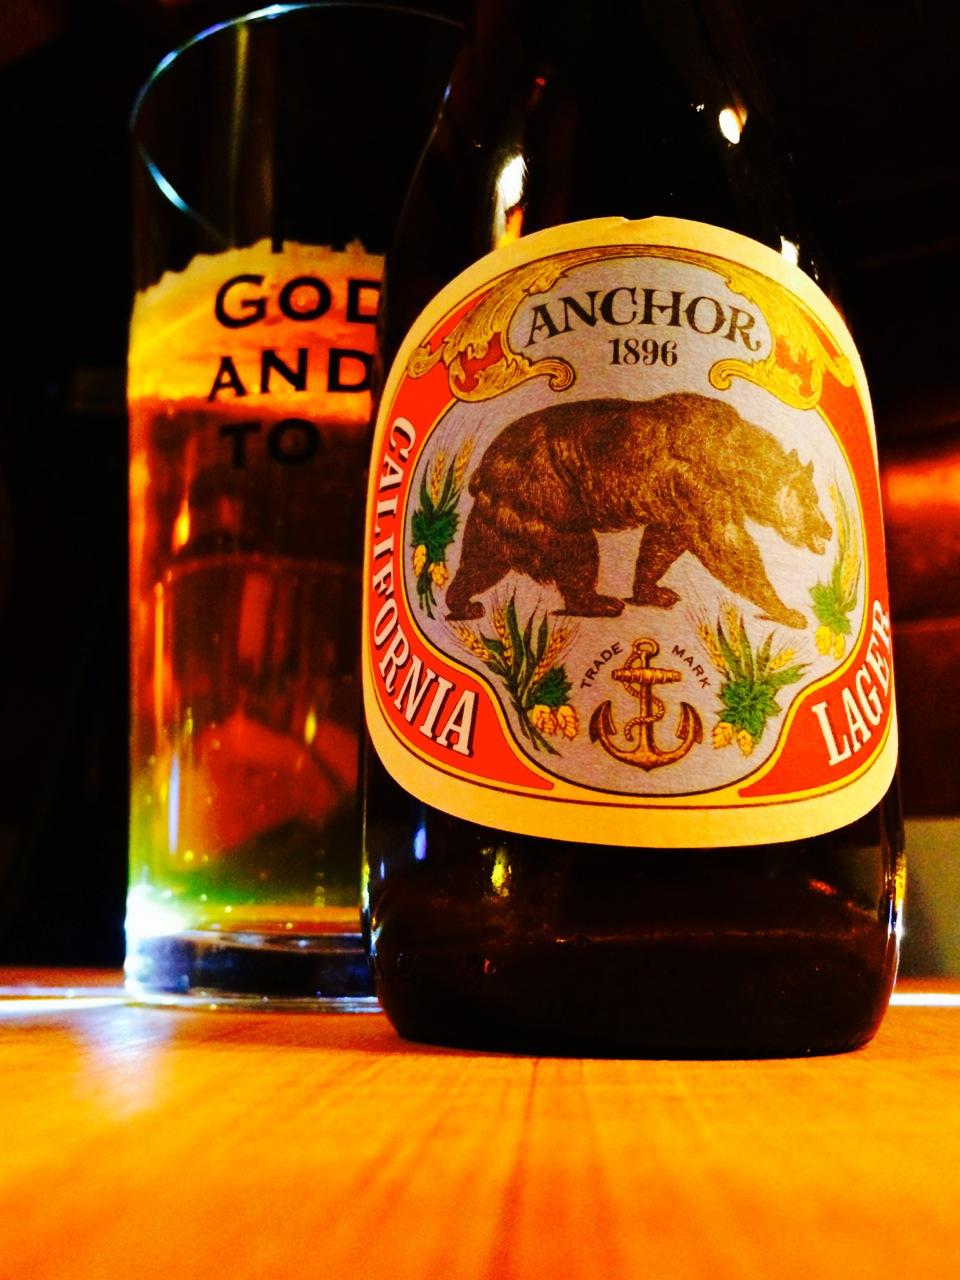 anchor-california-lager